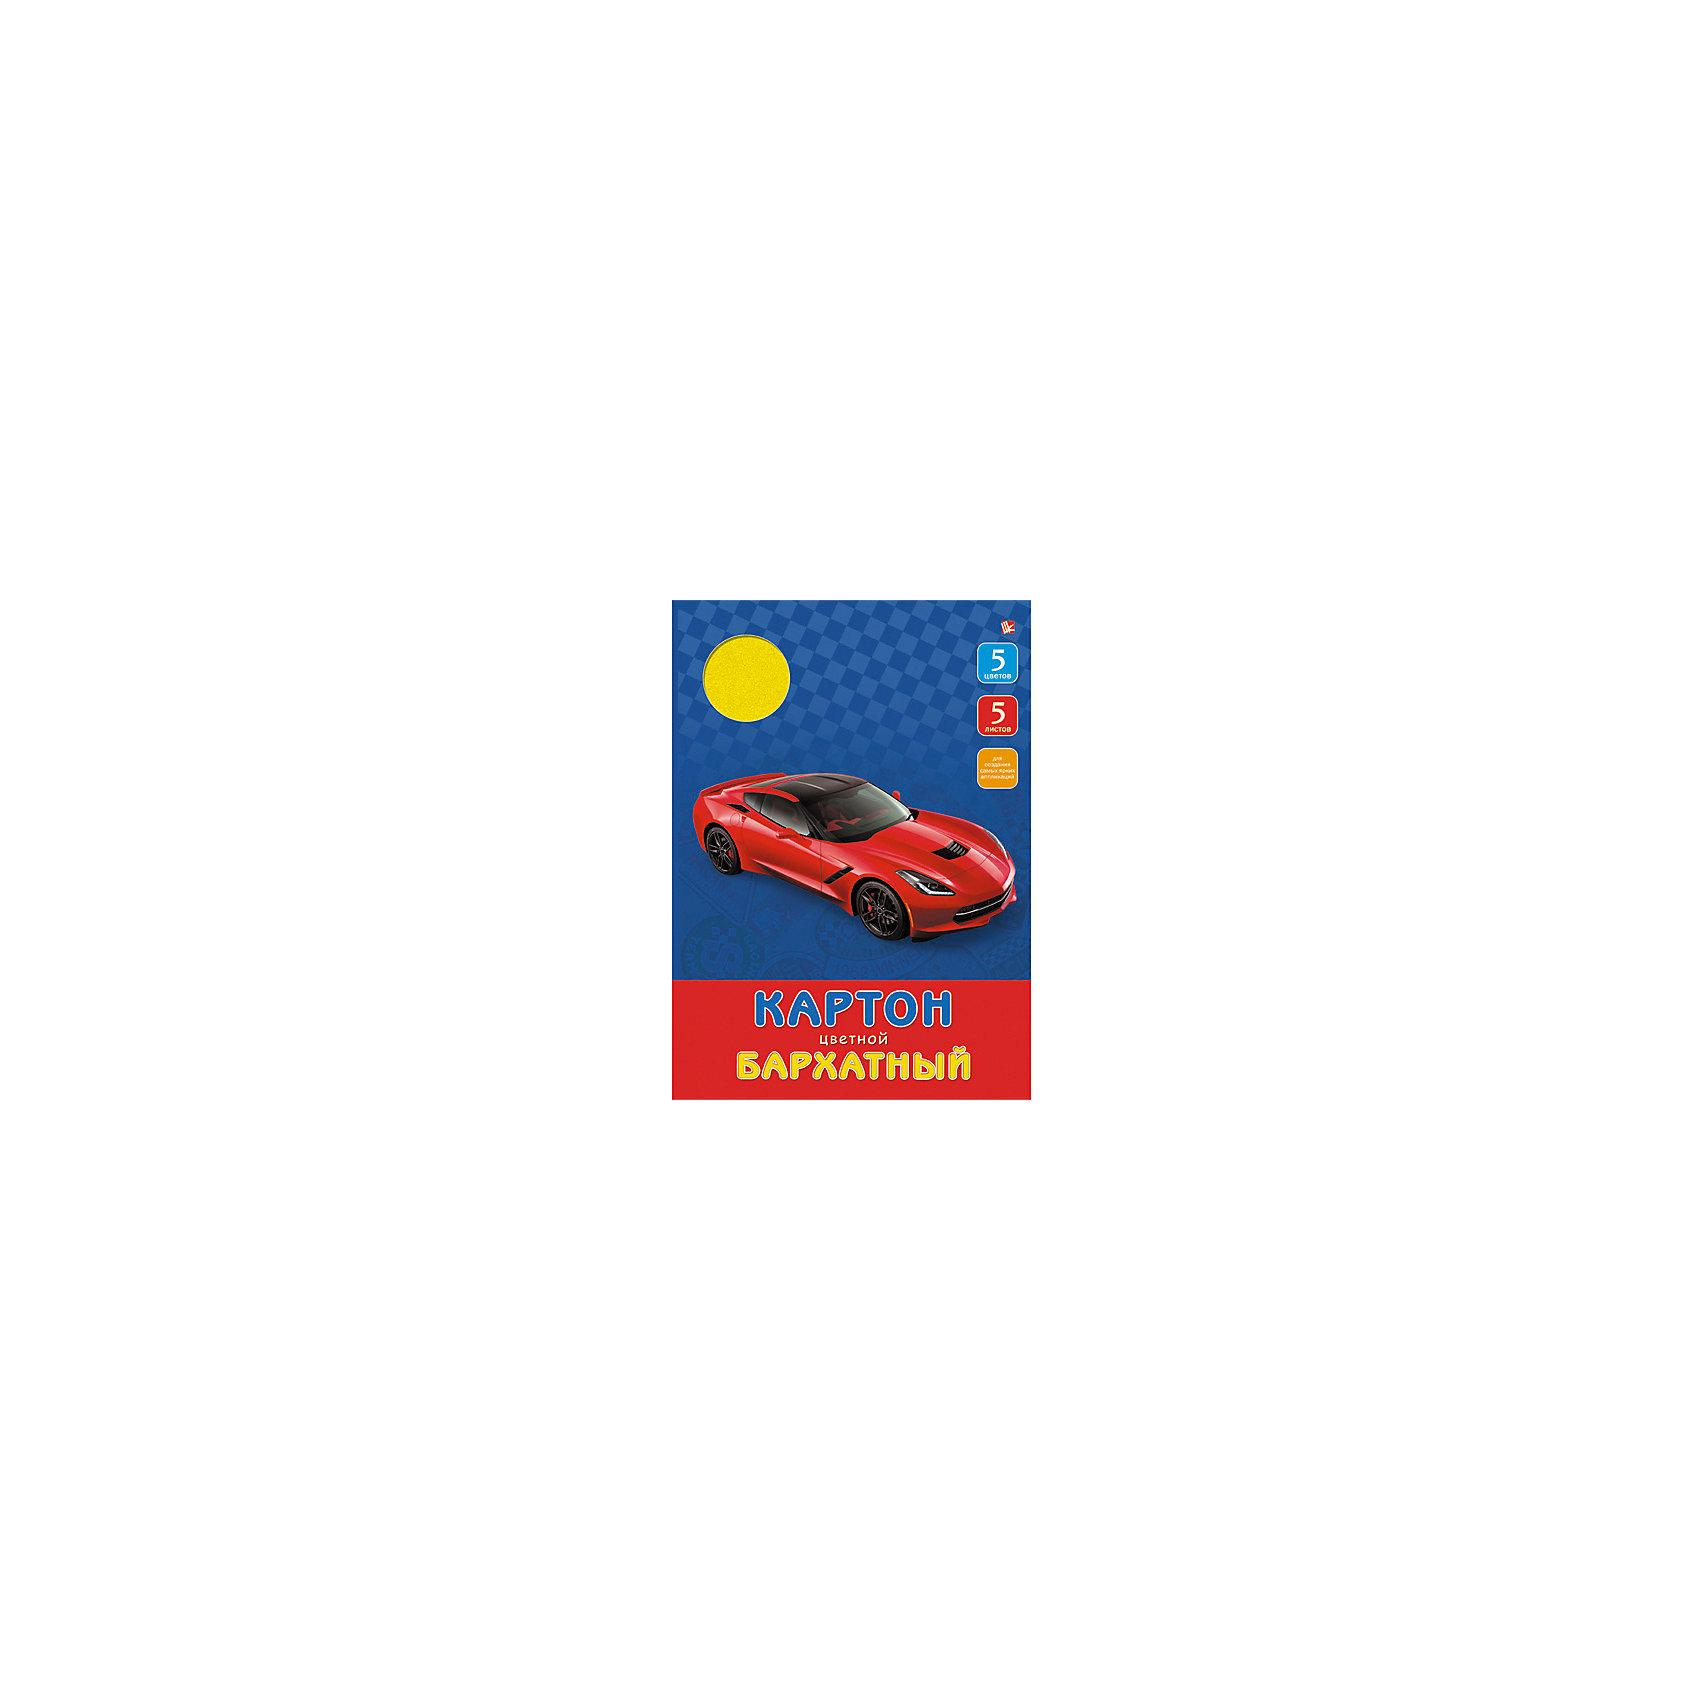 Бархатный цветной картон Красный автомобиль,  5л. 5цв.Бумажная продукция<br>Бархатный цветной картон Красный автомобиль отлично подойдет для детского творчества и создания интересных композиций. Яркая обложка и качественные материалы понравятся ребенку и помогут сотворить самые прекрасные поделки.<br><br>Дополнительная информация:<br>В комплекте: 5 разноцветных листов бархатного картона<br>Обложка: картон<br>Формат: А4<br>Бархатный цветной картон Красный автомобиль можно приобрести в нашем интернет-магазине.<br><br>Ширина мм: 280<br>Глубина мм: 200<br>Высота мм: 5<br>Вес г: 123<br>Возраст от месяцев: 72<br>Возраст до месяцев: 2147483647<br>Пол: Унисекс<br>Возраст: Детский<br>SKU: 4942463